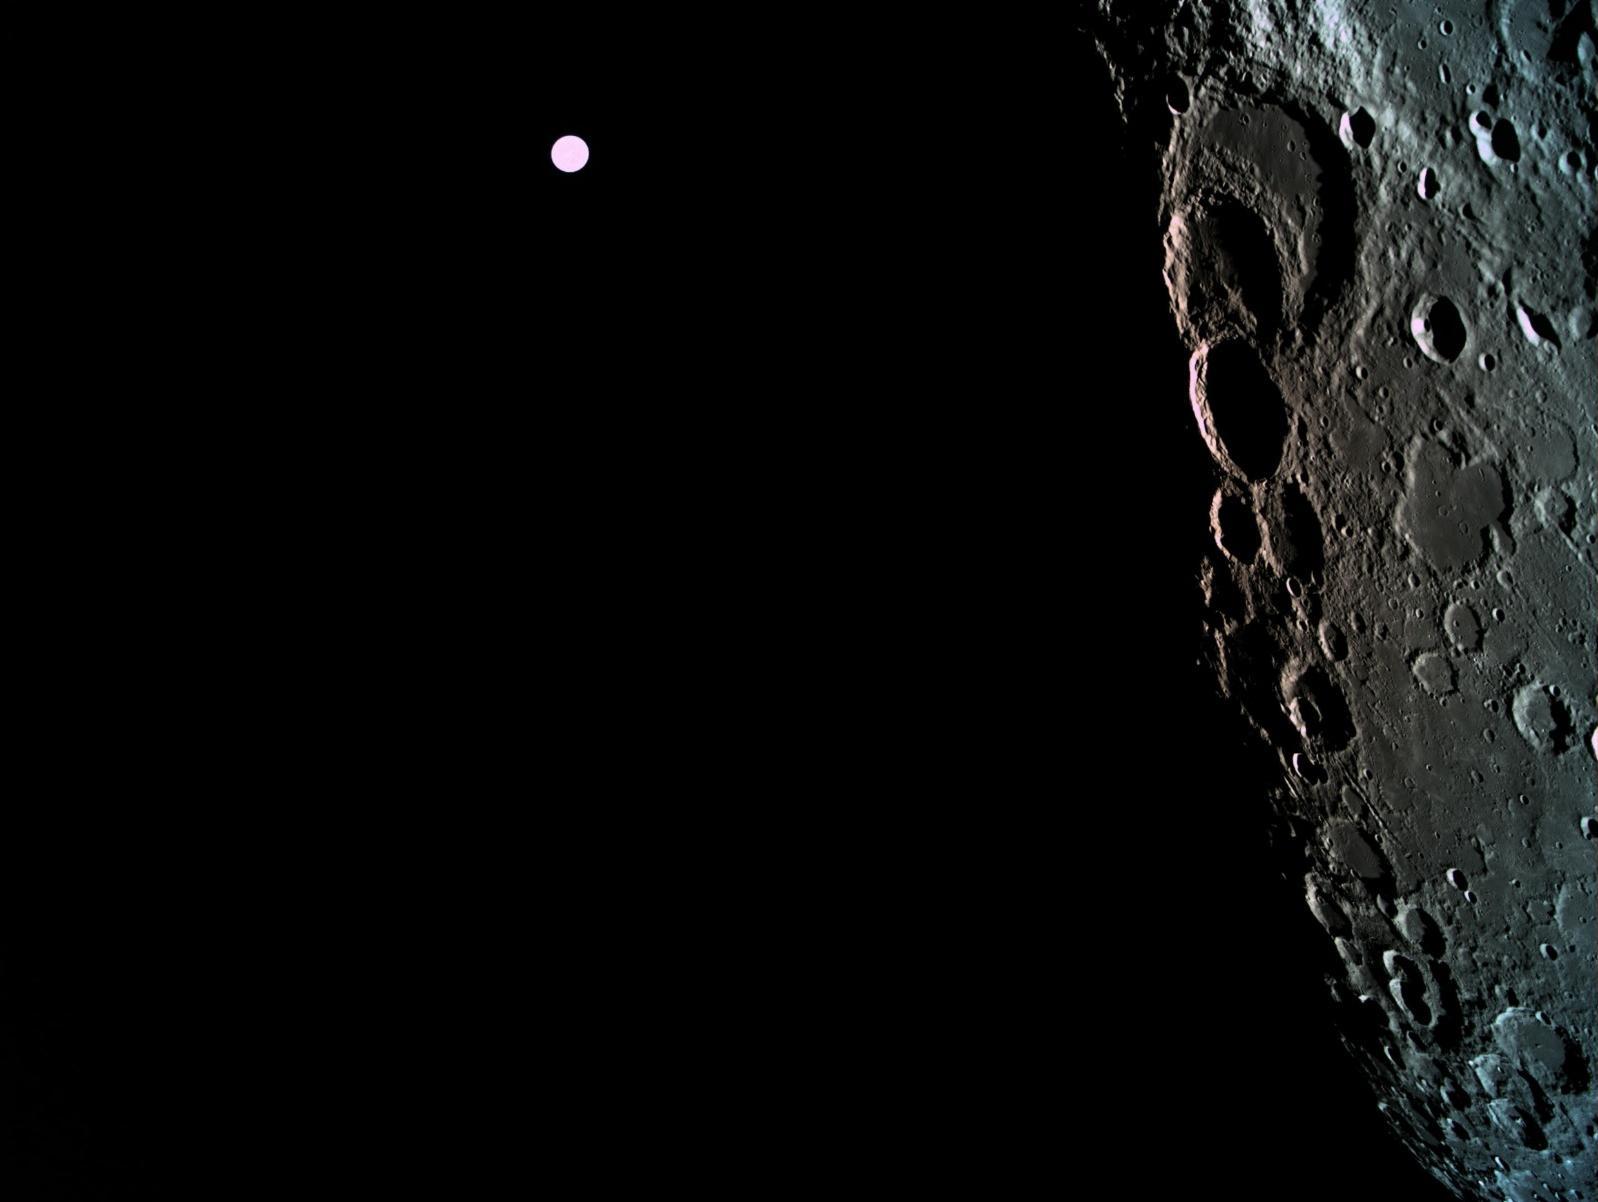 דקה אחר דקה: כל השלבים לקראת נחיתת החללית